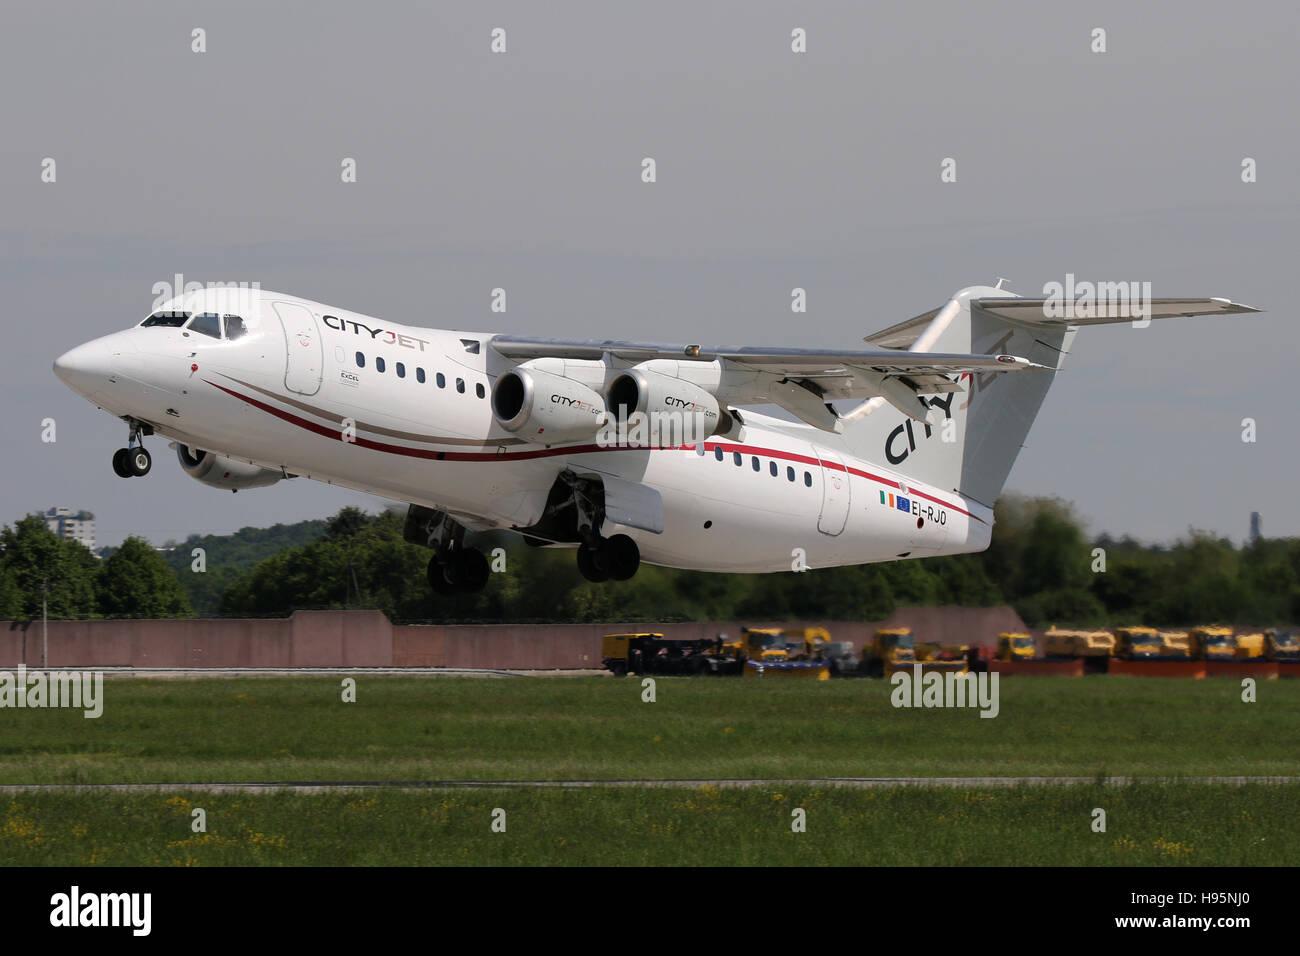 Stuttgart, Germany – May 21, 2016: Cityjet, BAE Avro is taking offat Stuttgart Airport - Stock Image